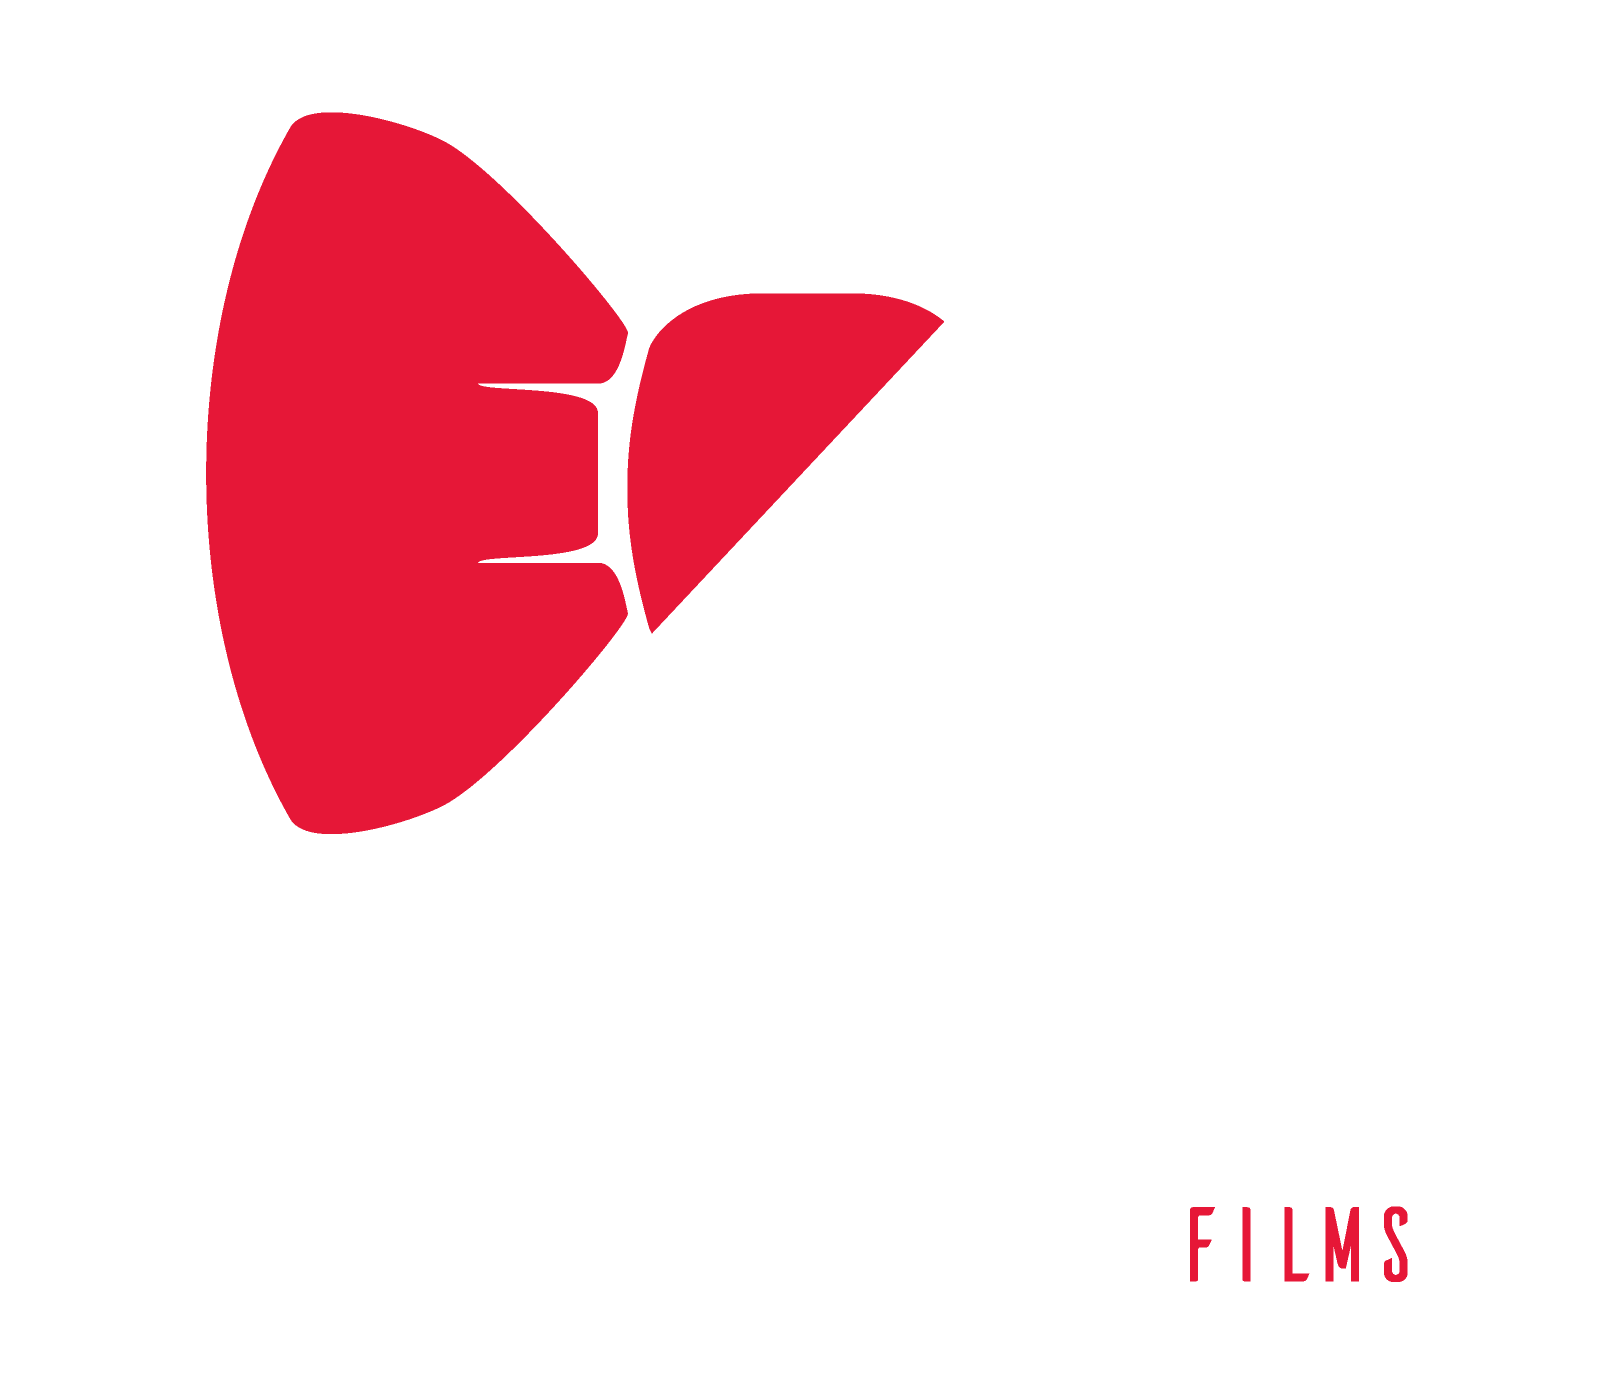 Inefable Films